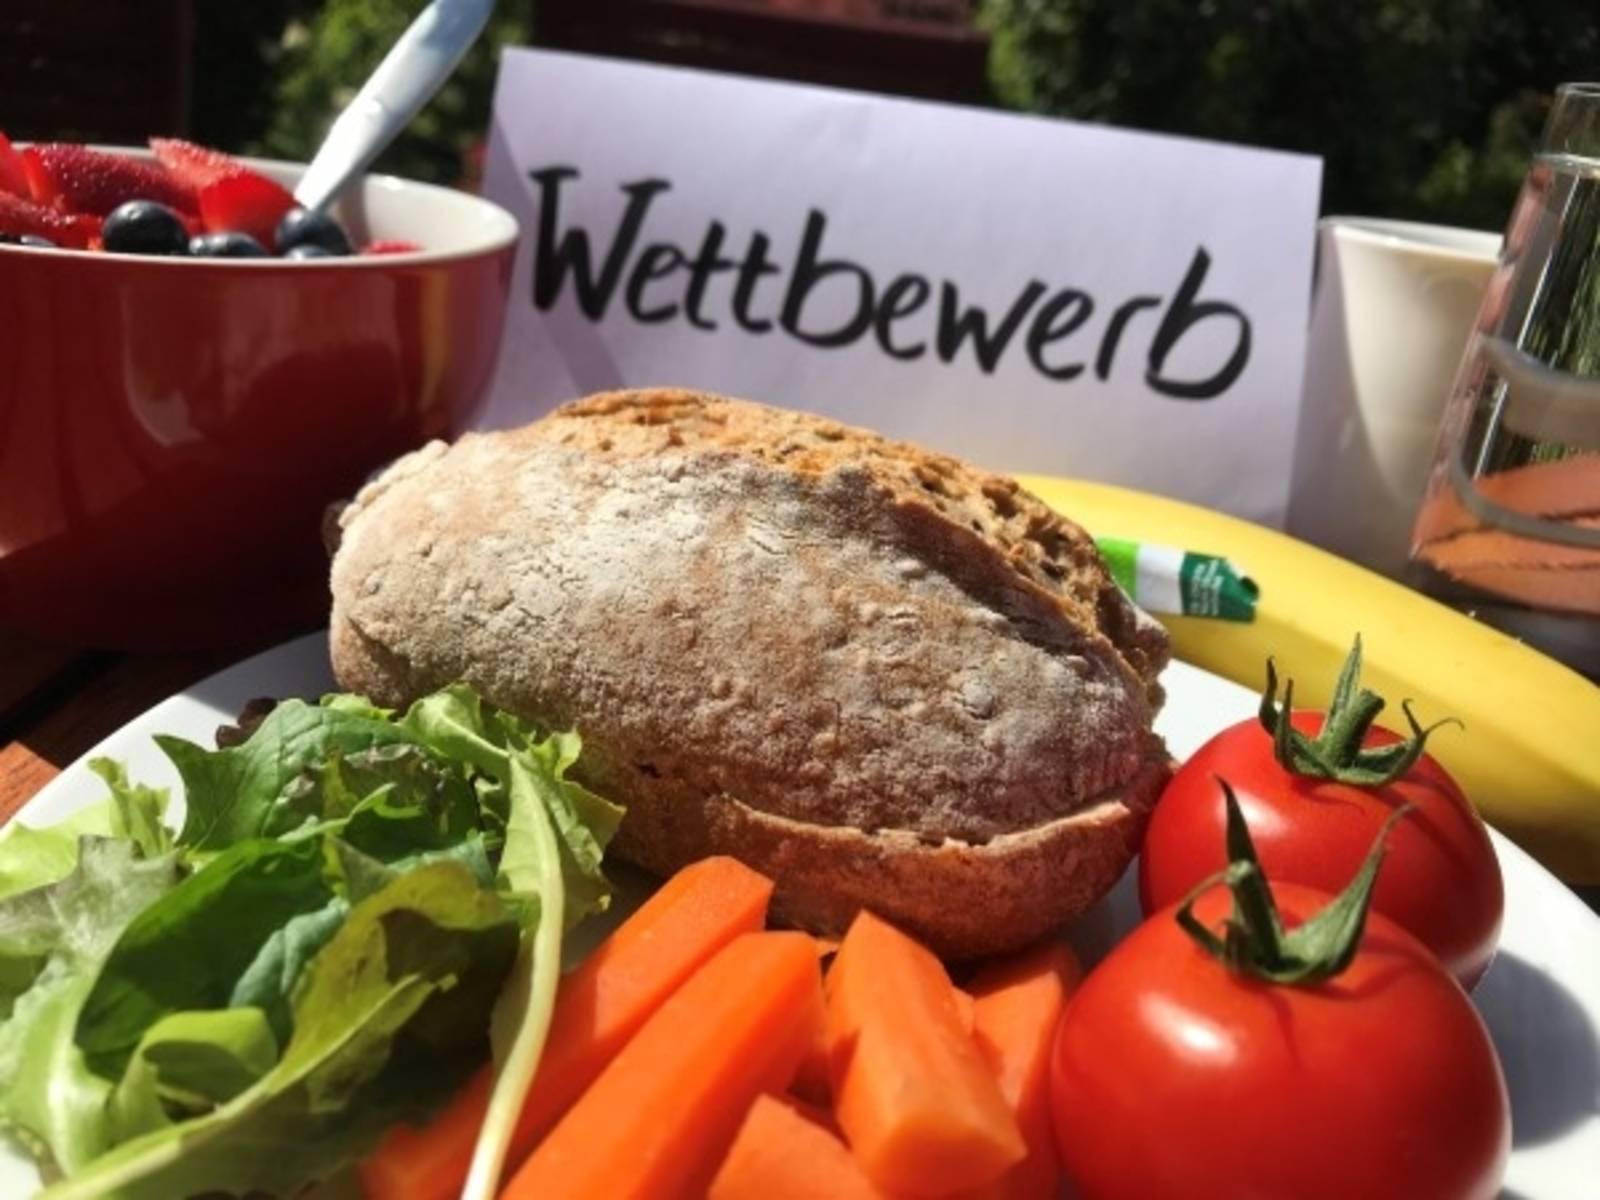 """Ein Teller mit Brötchen und Gemüse vor einem Schild mit der Aufschrift """"Wettbewerb"""""""